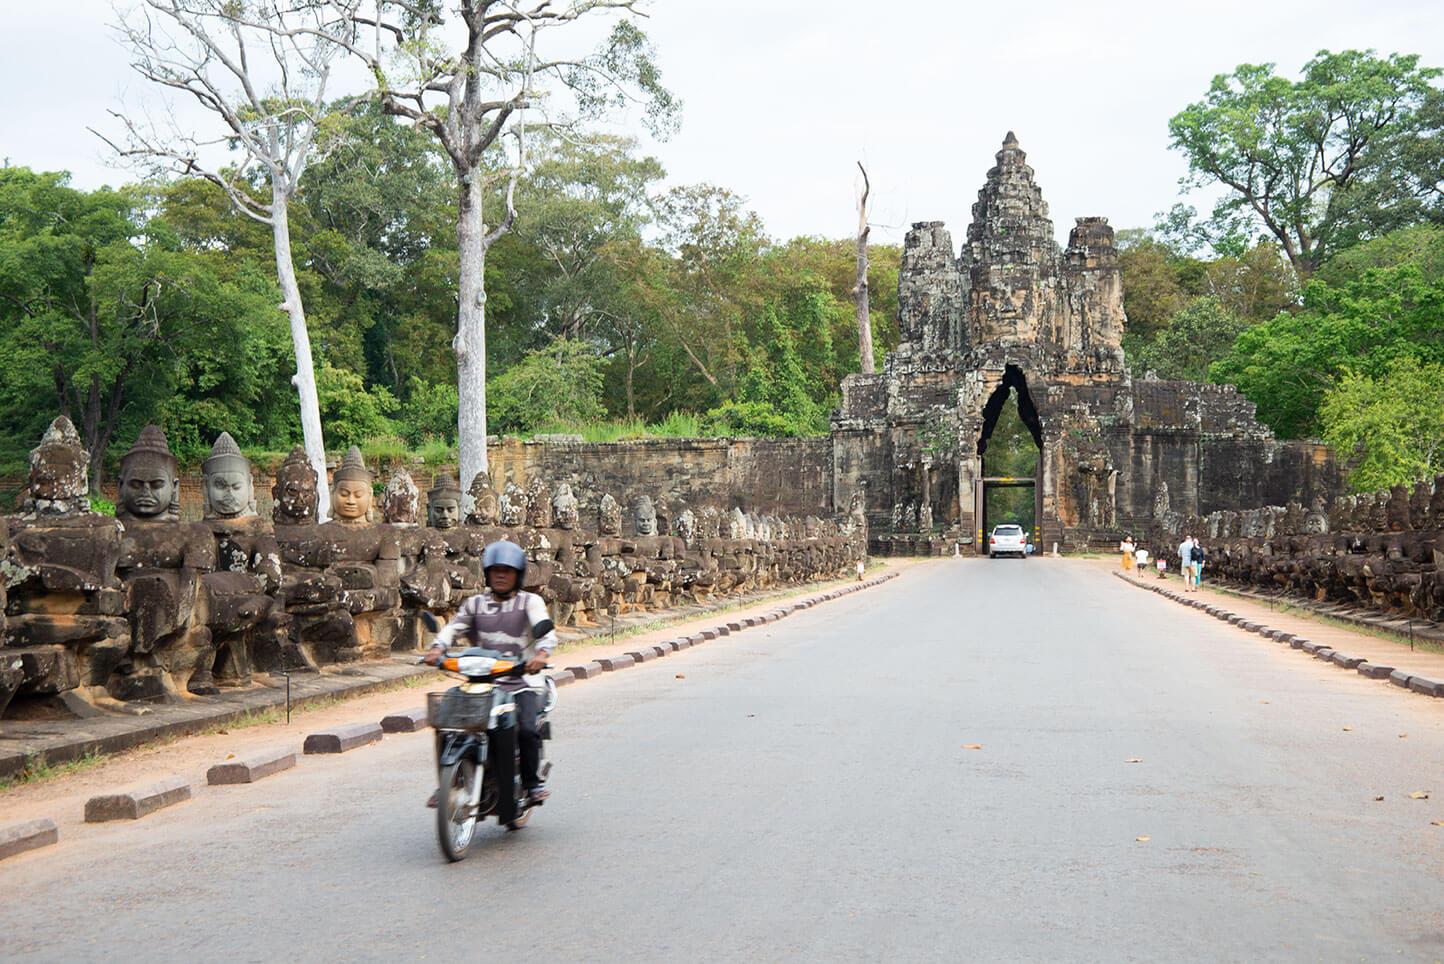 Vom Wald in die Welt: Reisefotos von Angkor Wat in Kambodscha